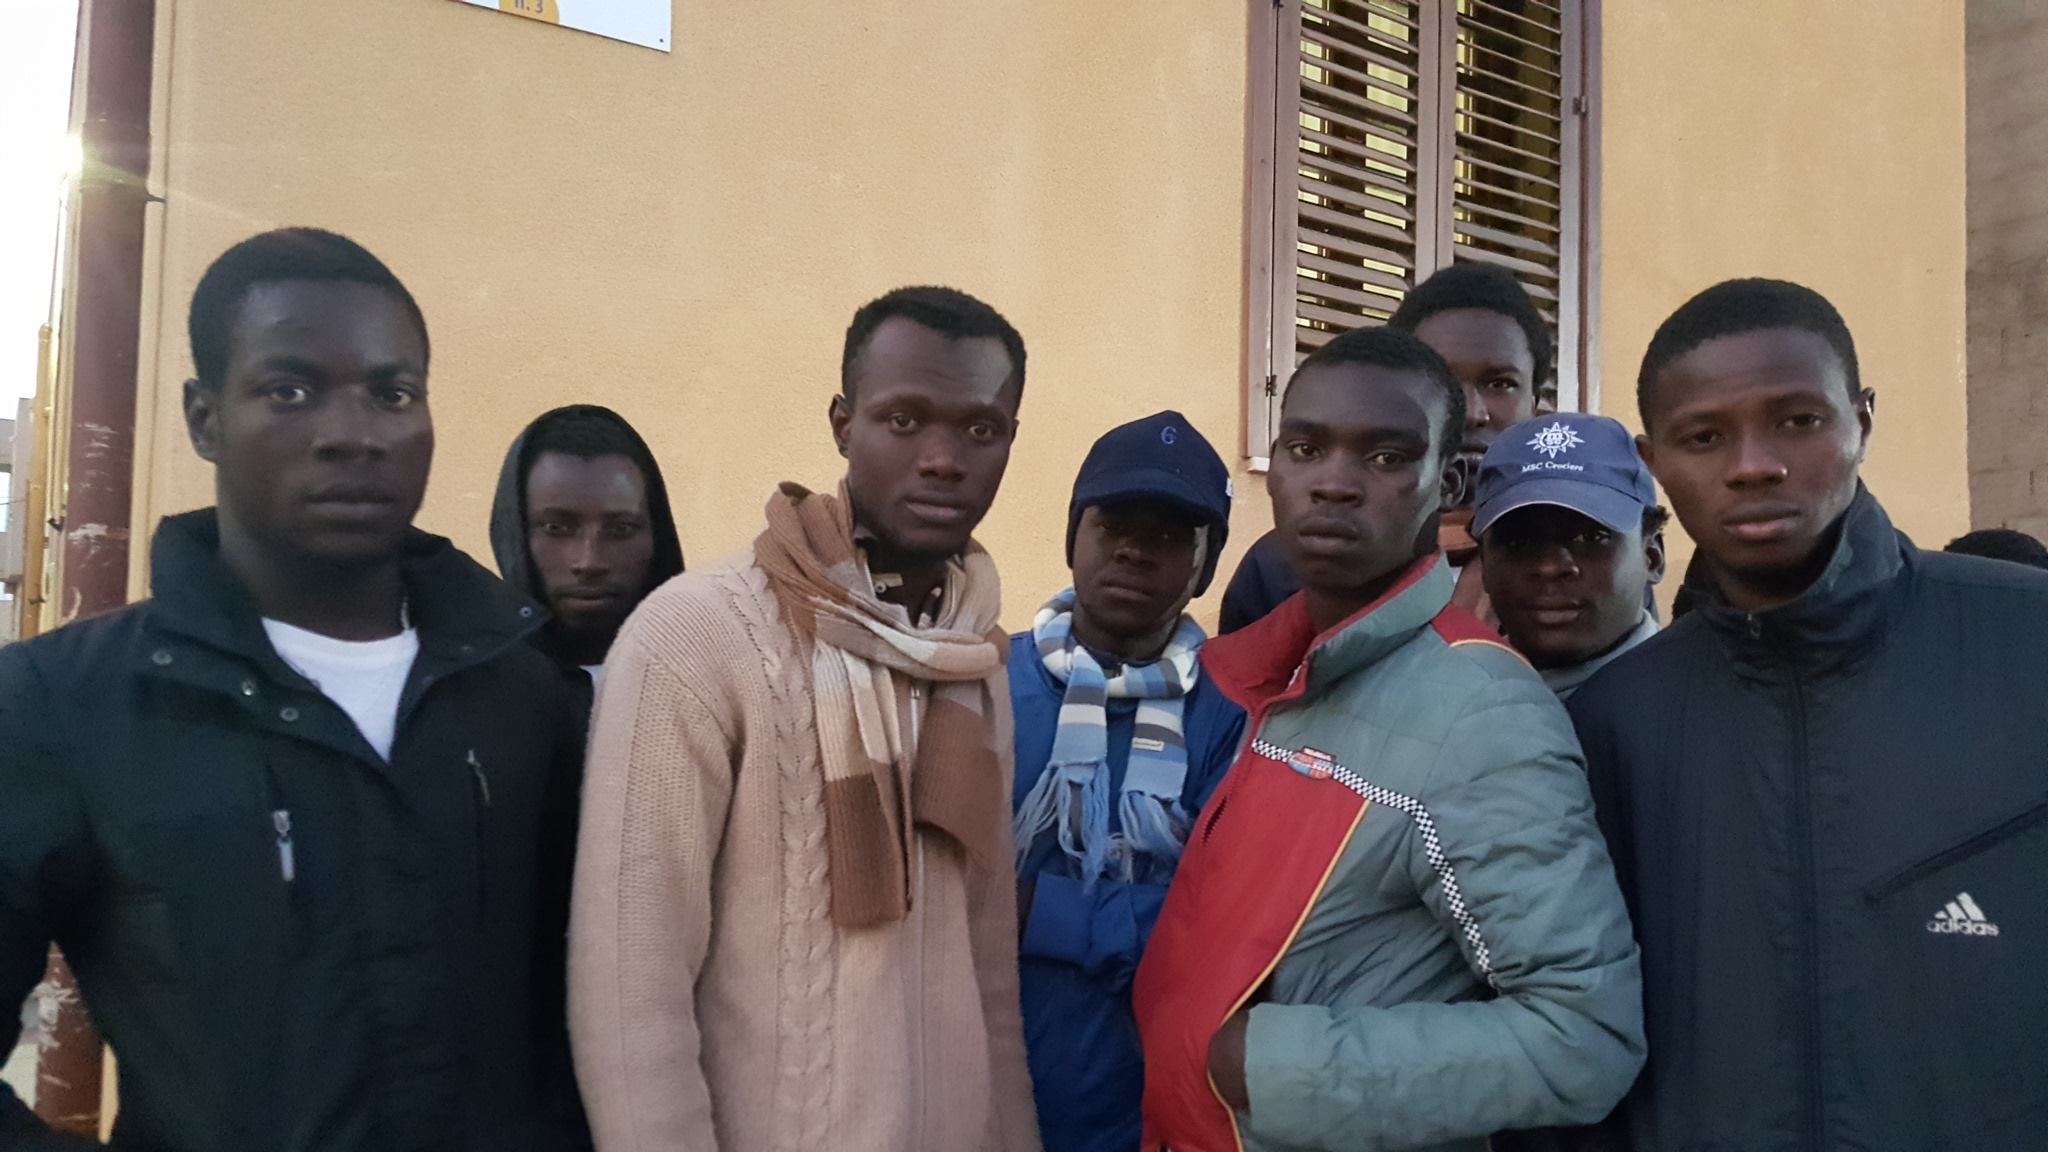 L'Europe craint-elle la jeunesse africaine ?